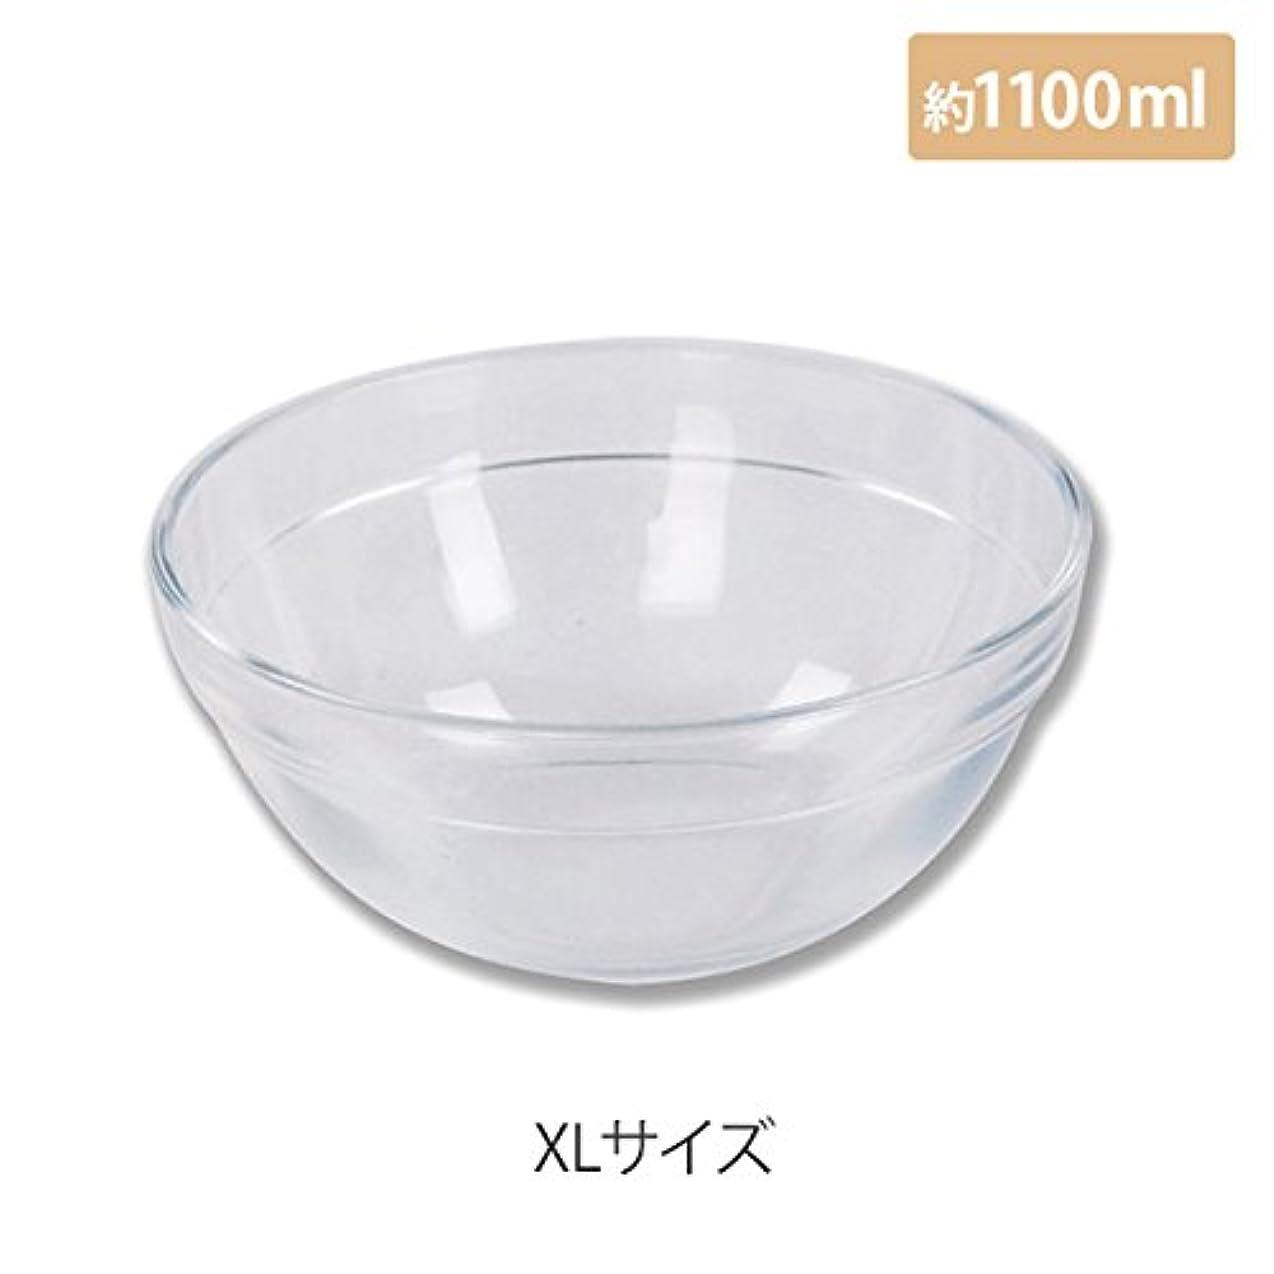 重量ビザ合併マイスター プラスティックボウル (XLサイズ) クリア 直径20cm [ プラスチックボール カップボウル カップボール エステ サロン プラスチック ボウル カップ 割れない ]